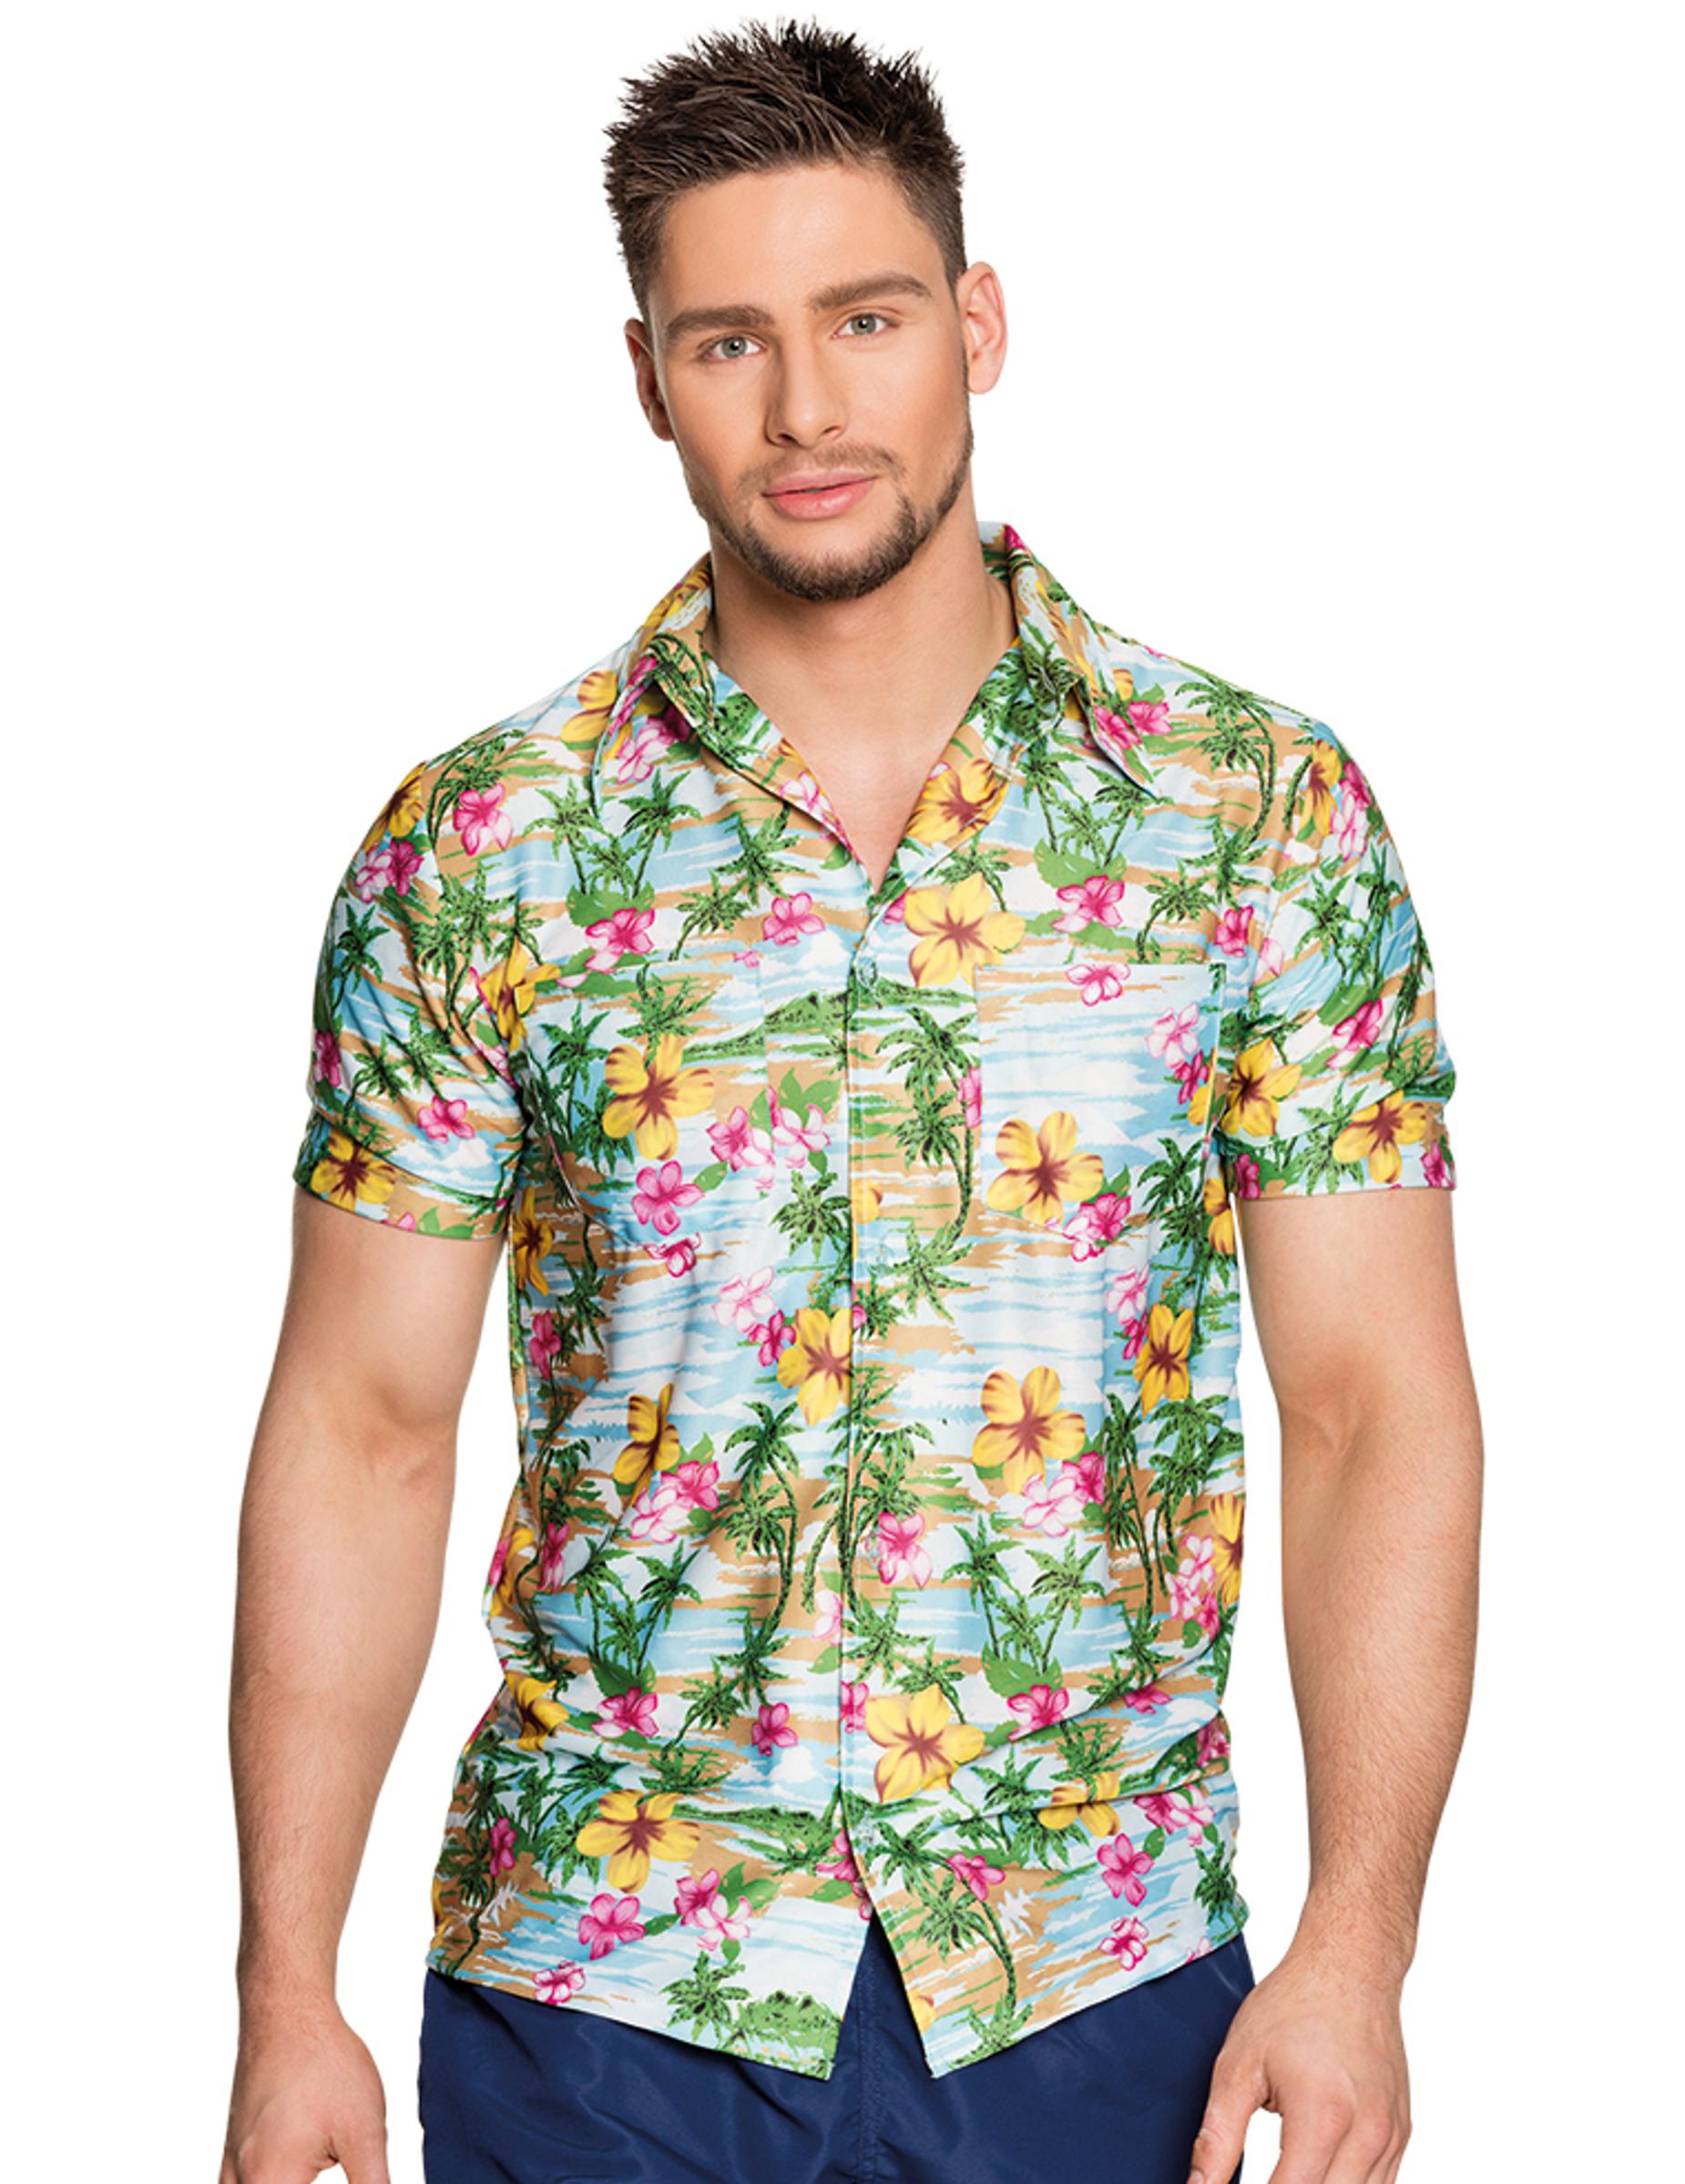 paradiesisches hawaii hemd f r erwachsene bunt g nstige faschings kost me bei karneval megastore. Black Bedroom Furniture Sets. Home Design Ideas